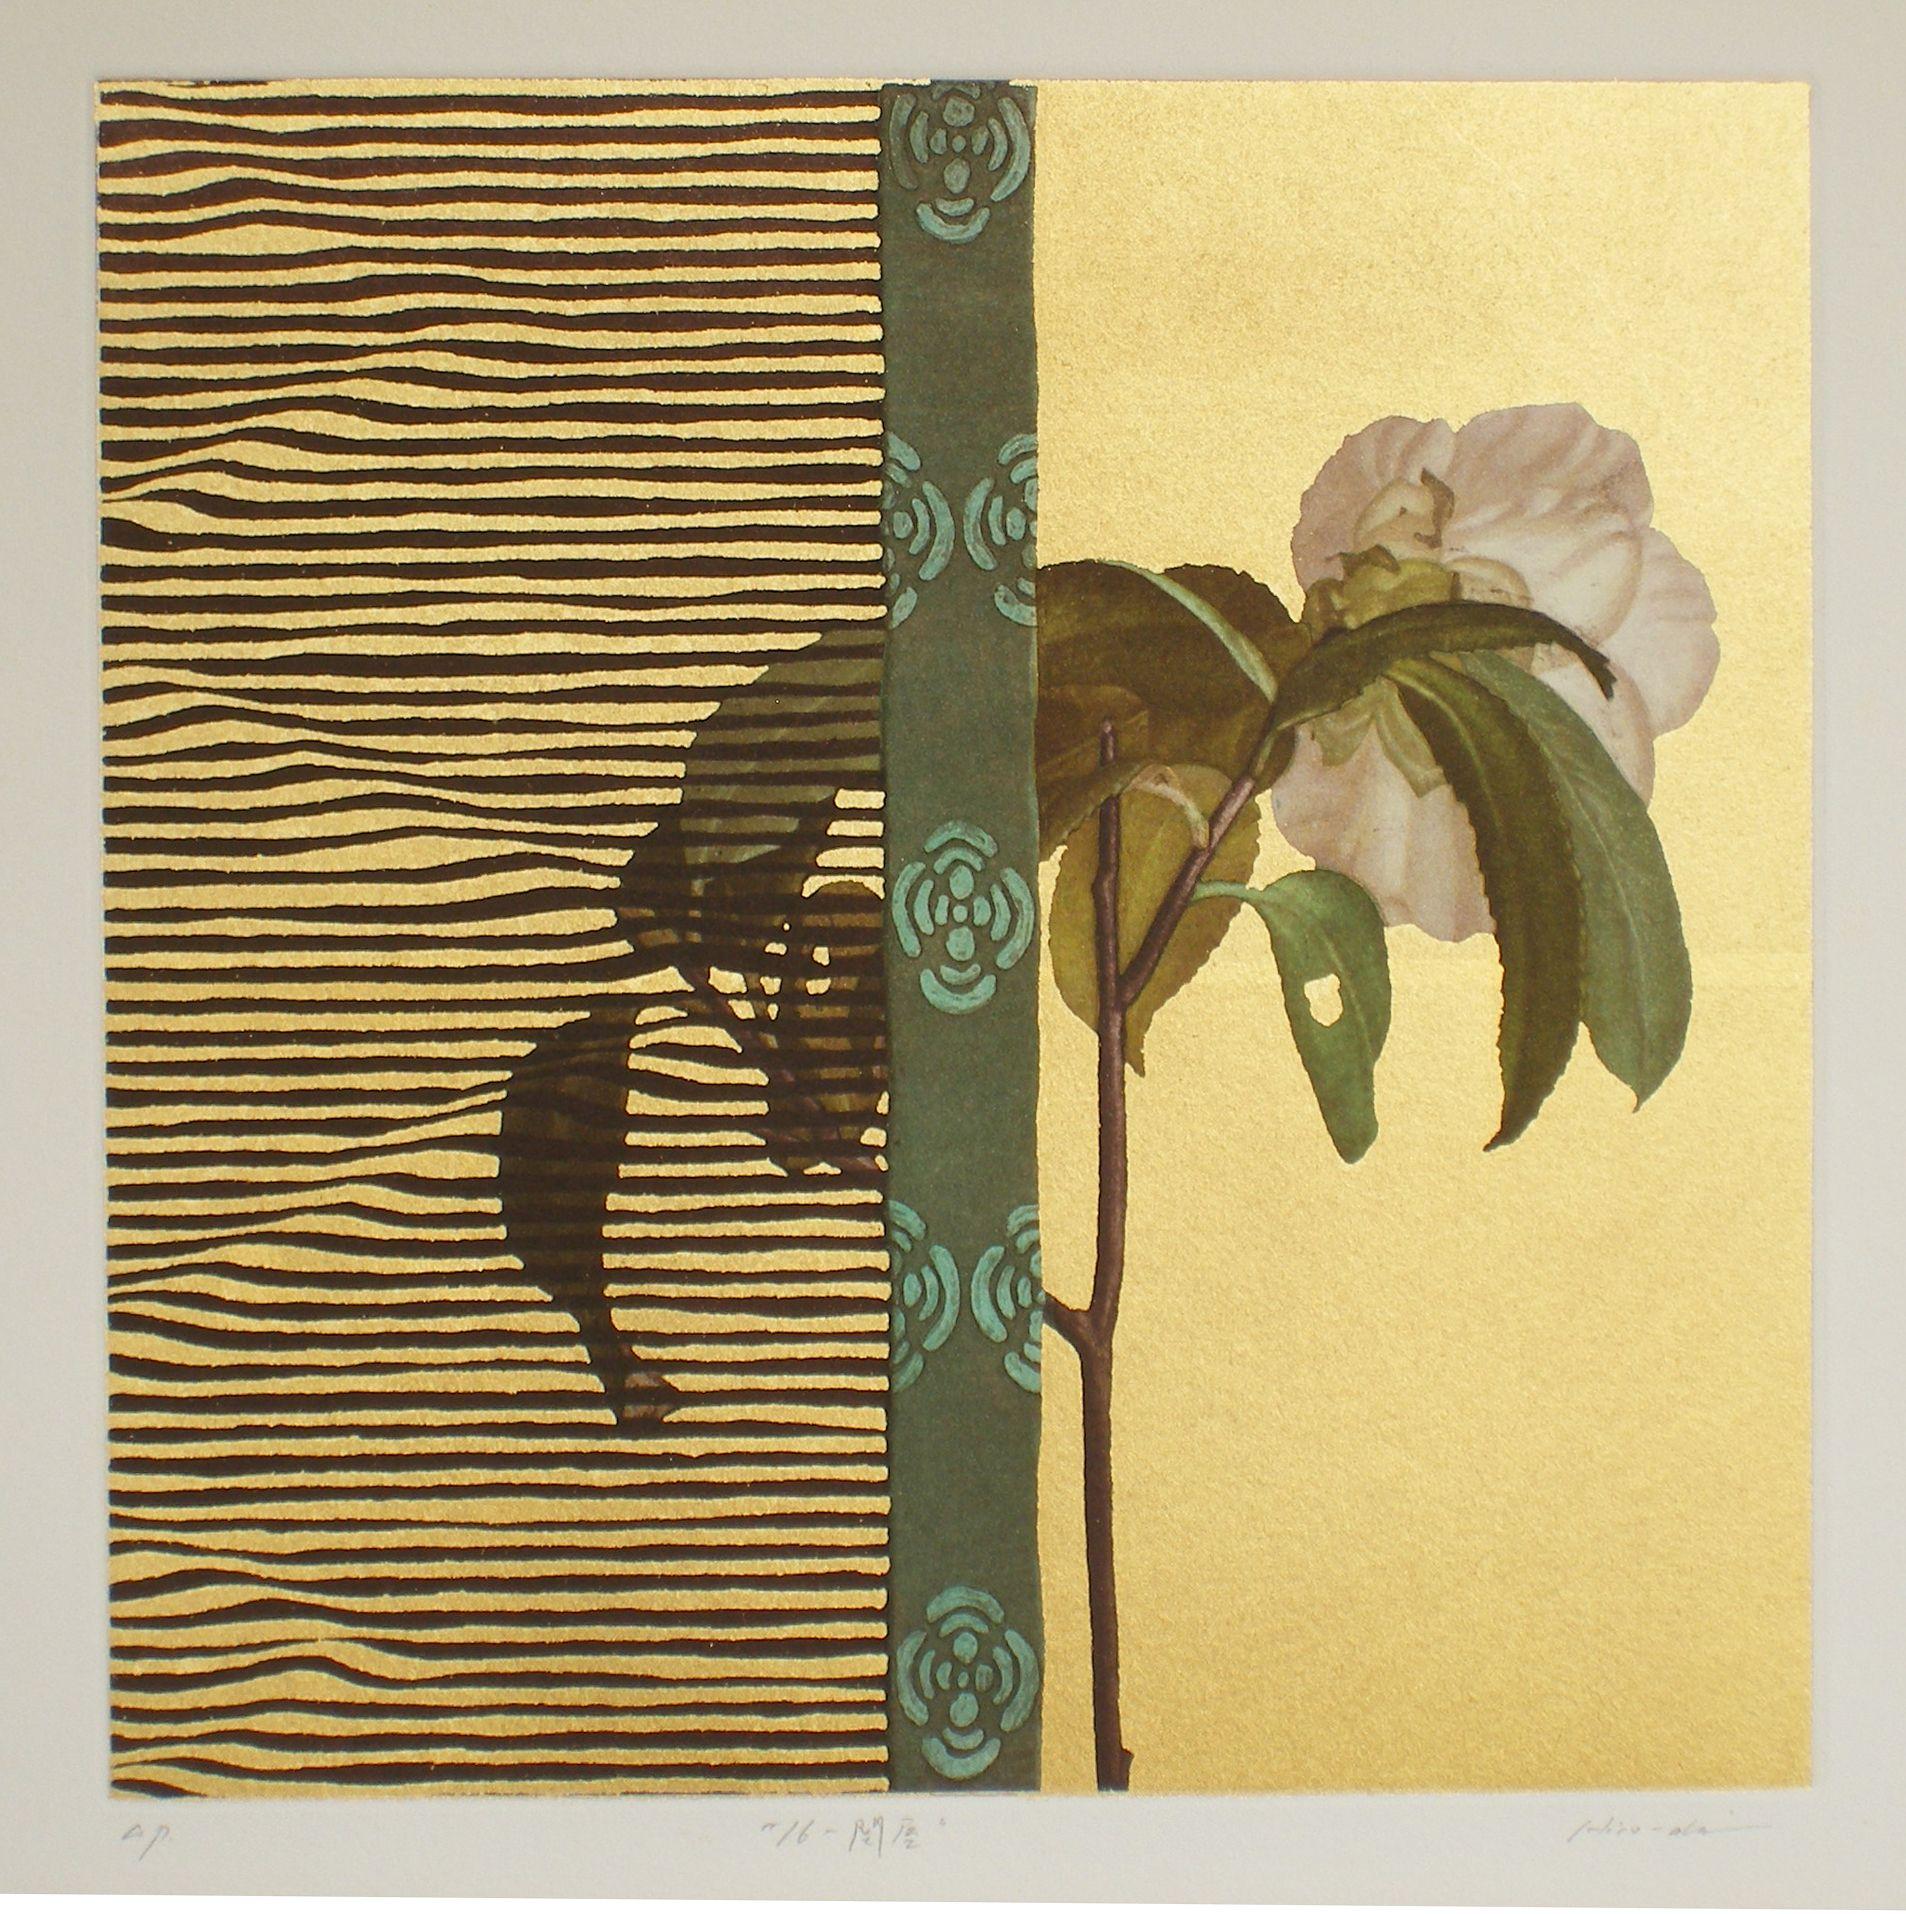 Выставка работ японского художника Хироаки Мияямы